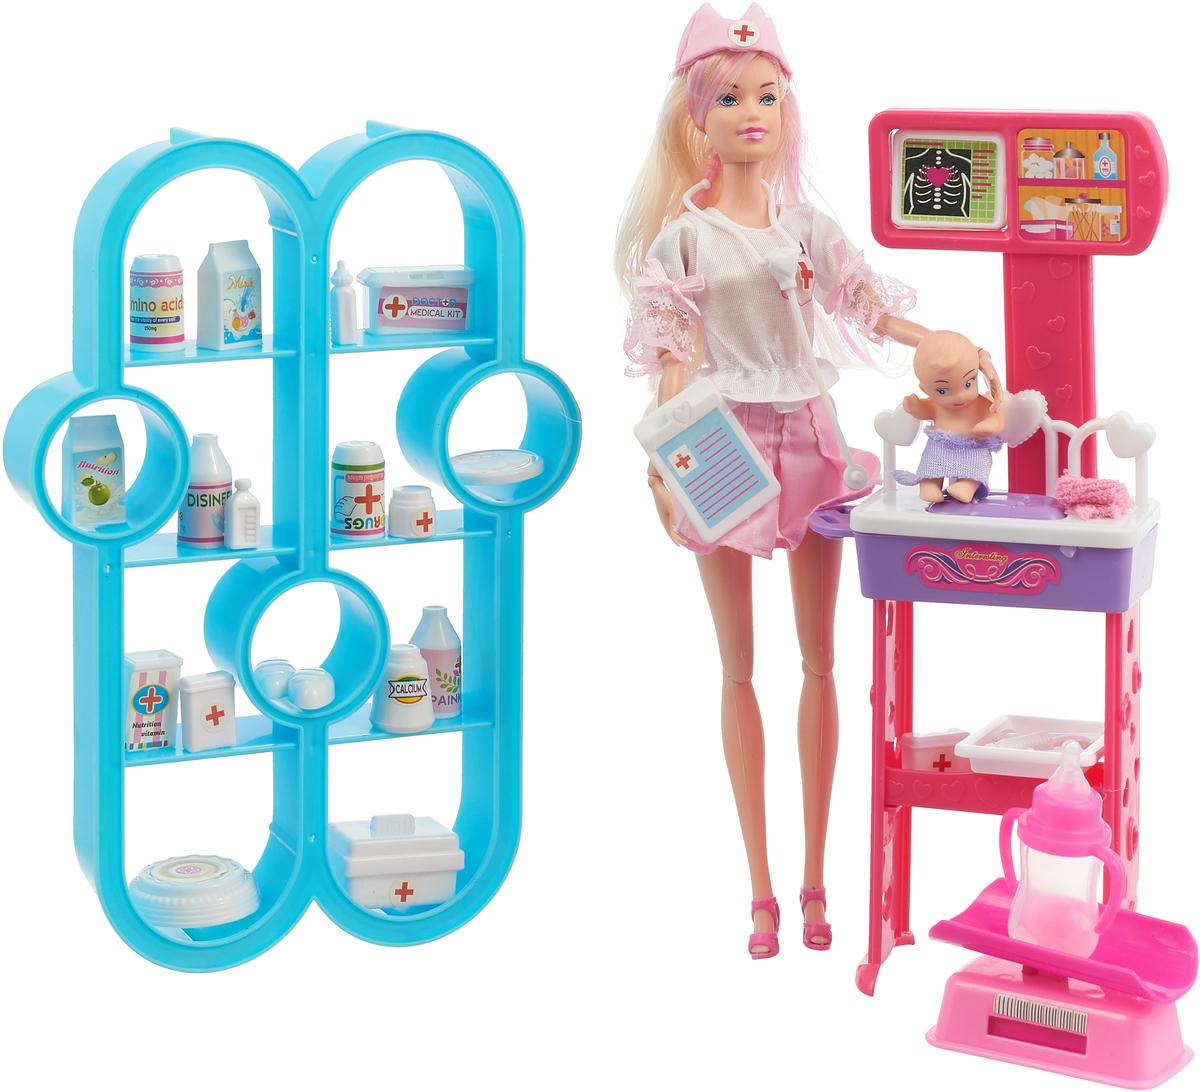 Veld-Co Игровой набор с куклой Детская поликлиника Кукла блондинка игровые наборы veld co игровой набор военная база 1 64